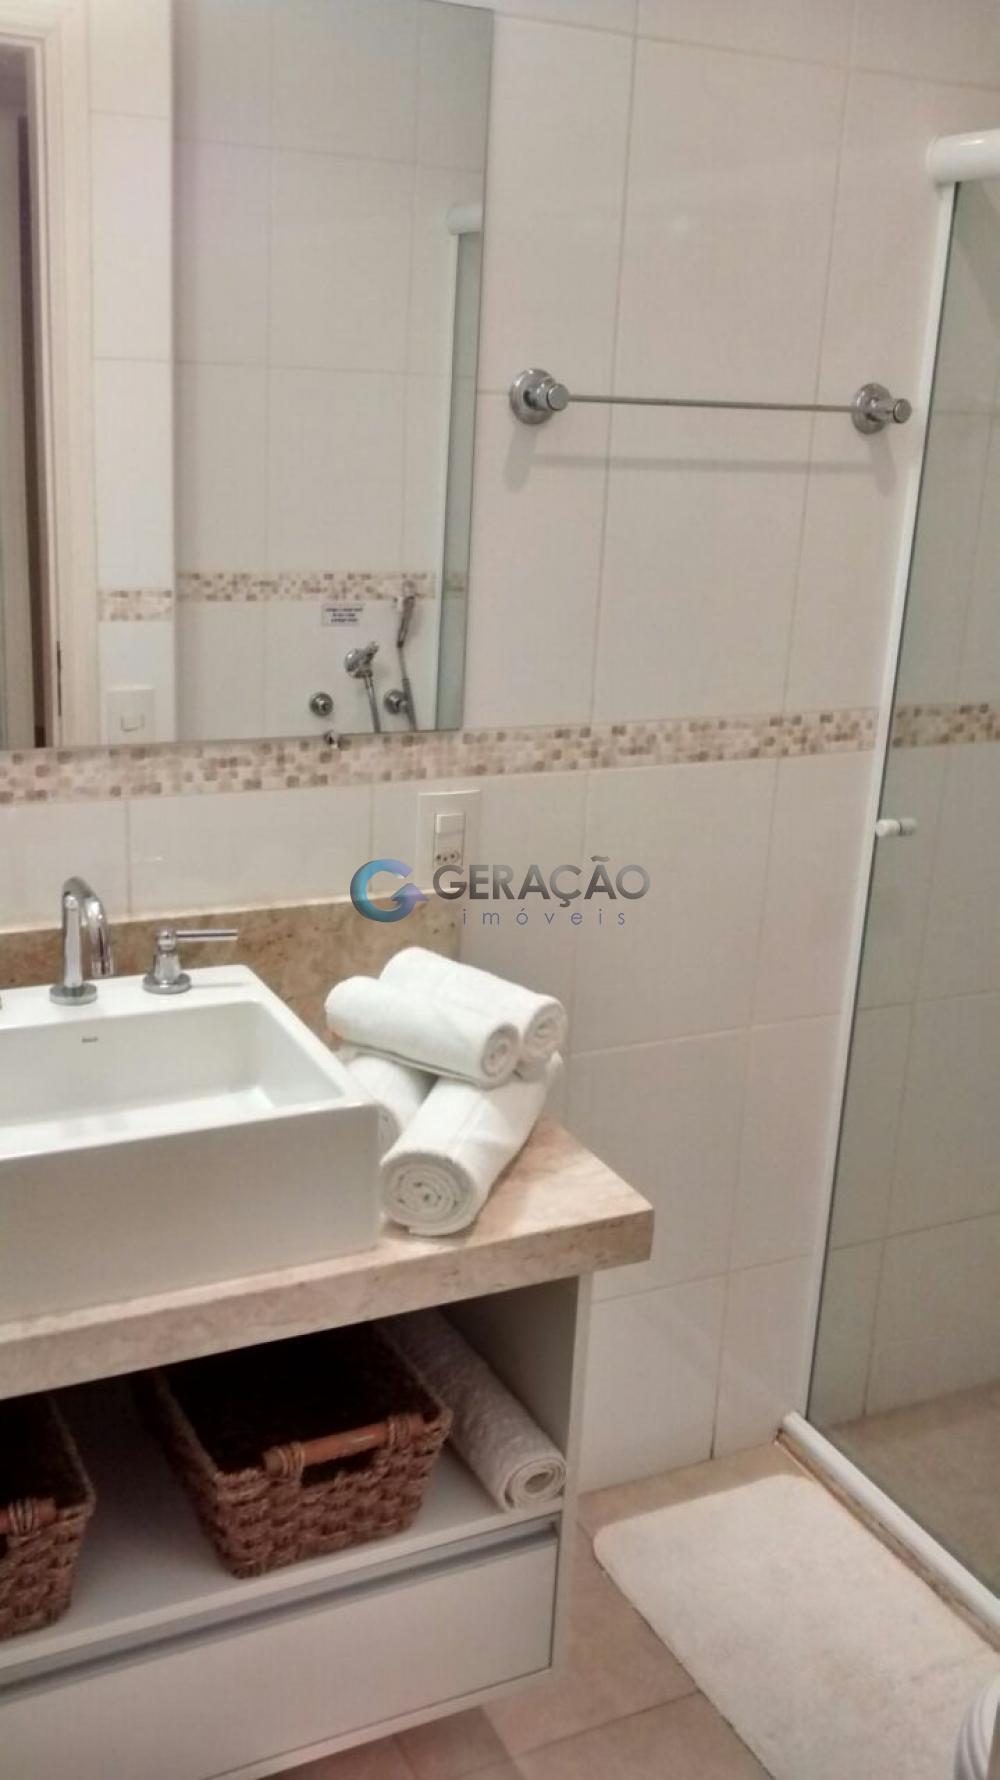 Comprar Apartamento / Padrão em São José dos Campos R$ 285.000,00 - Foto 10